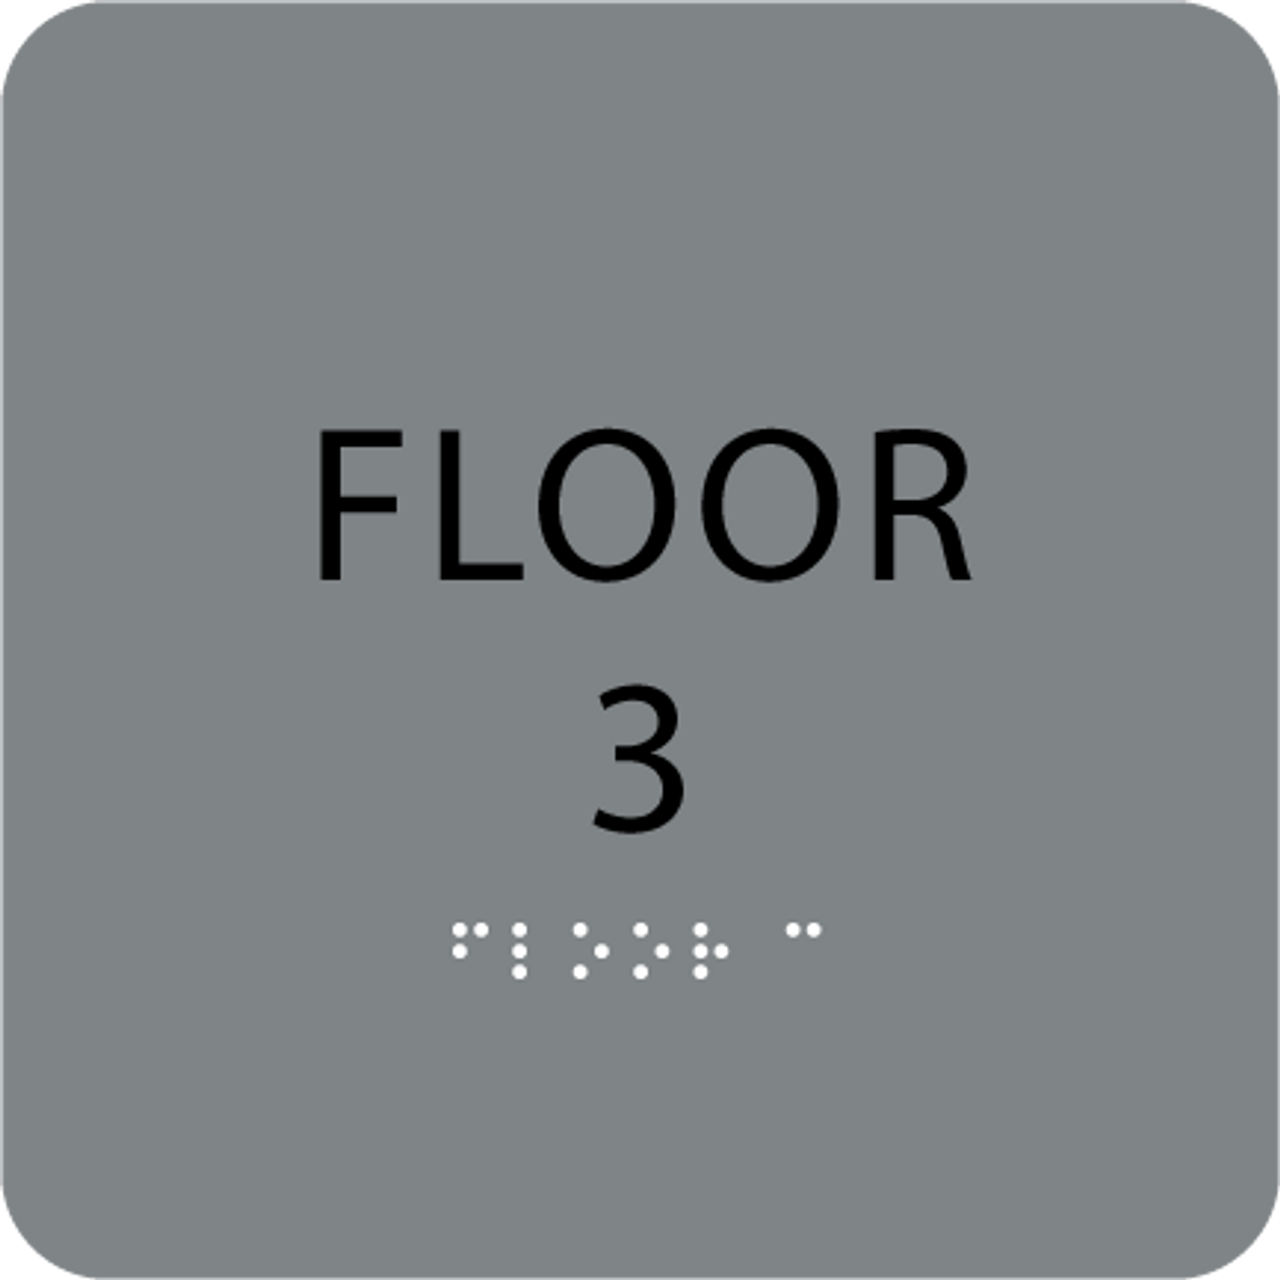 Grey Floor 3 Number Sign